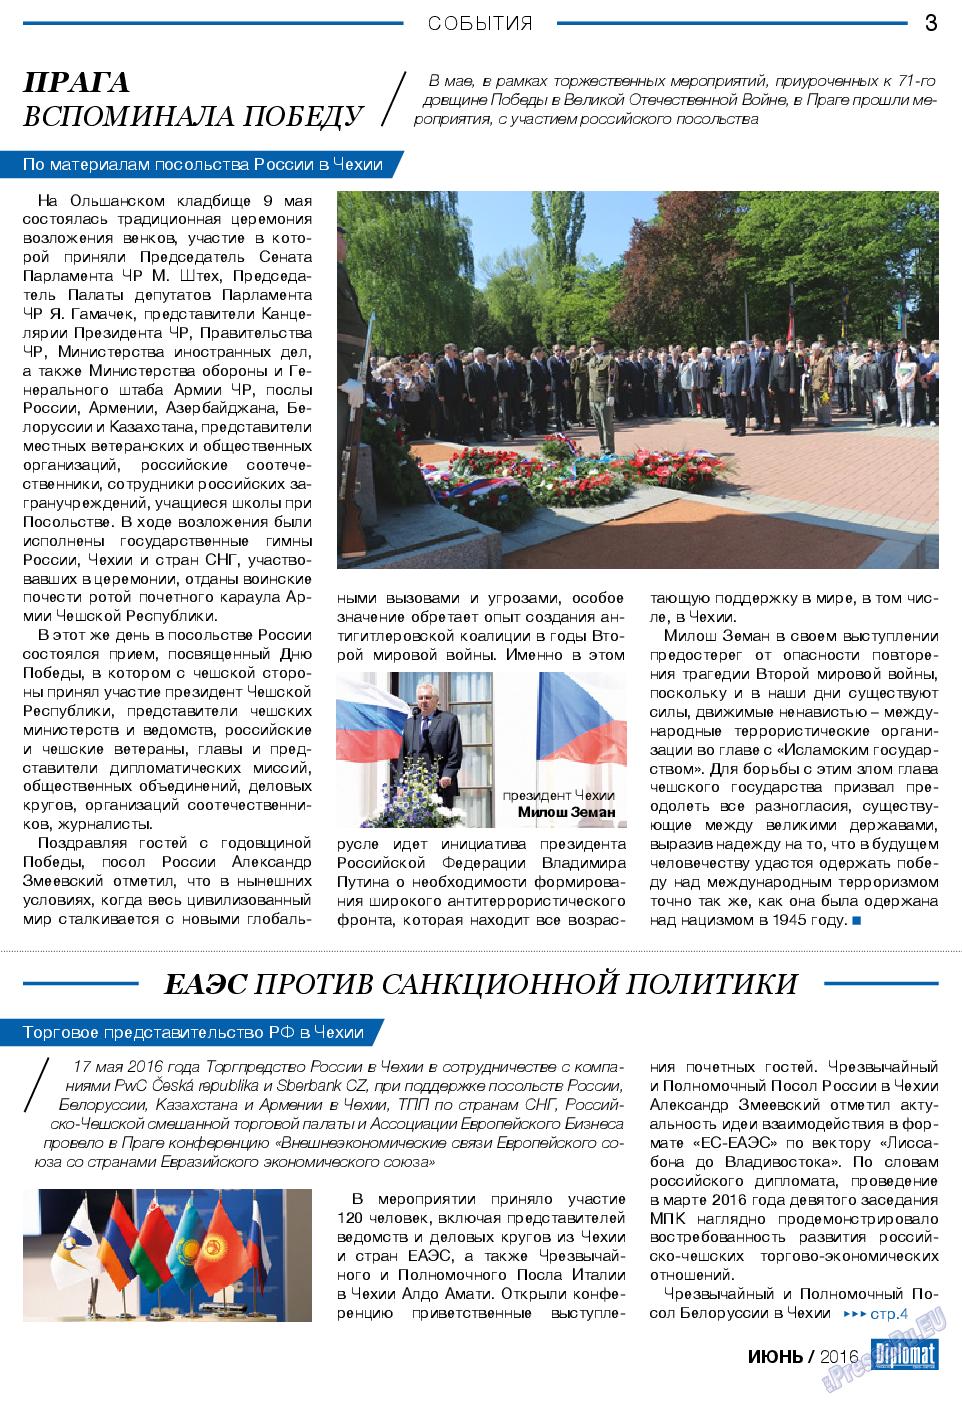 Diplomat (газета). 2016 год, номер 81, стр. 3